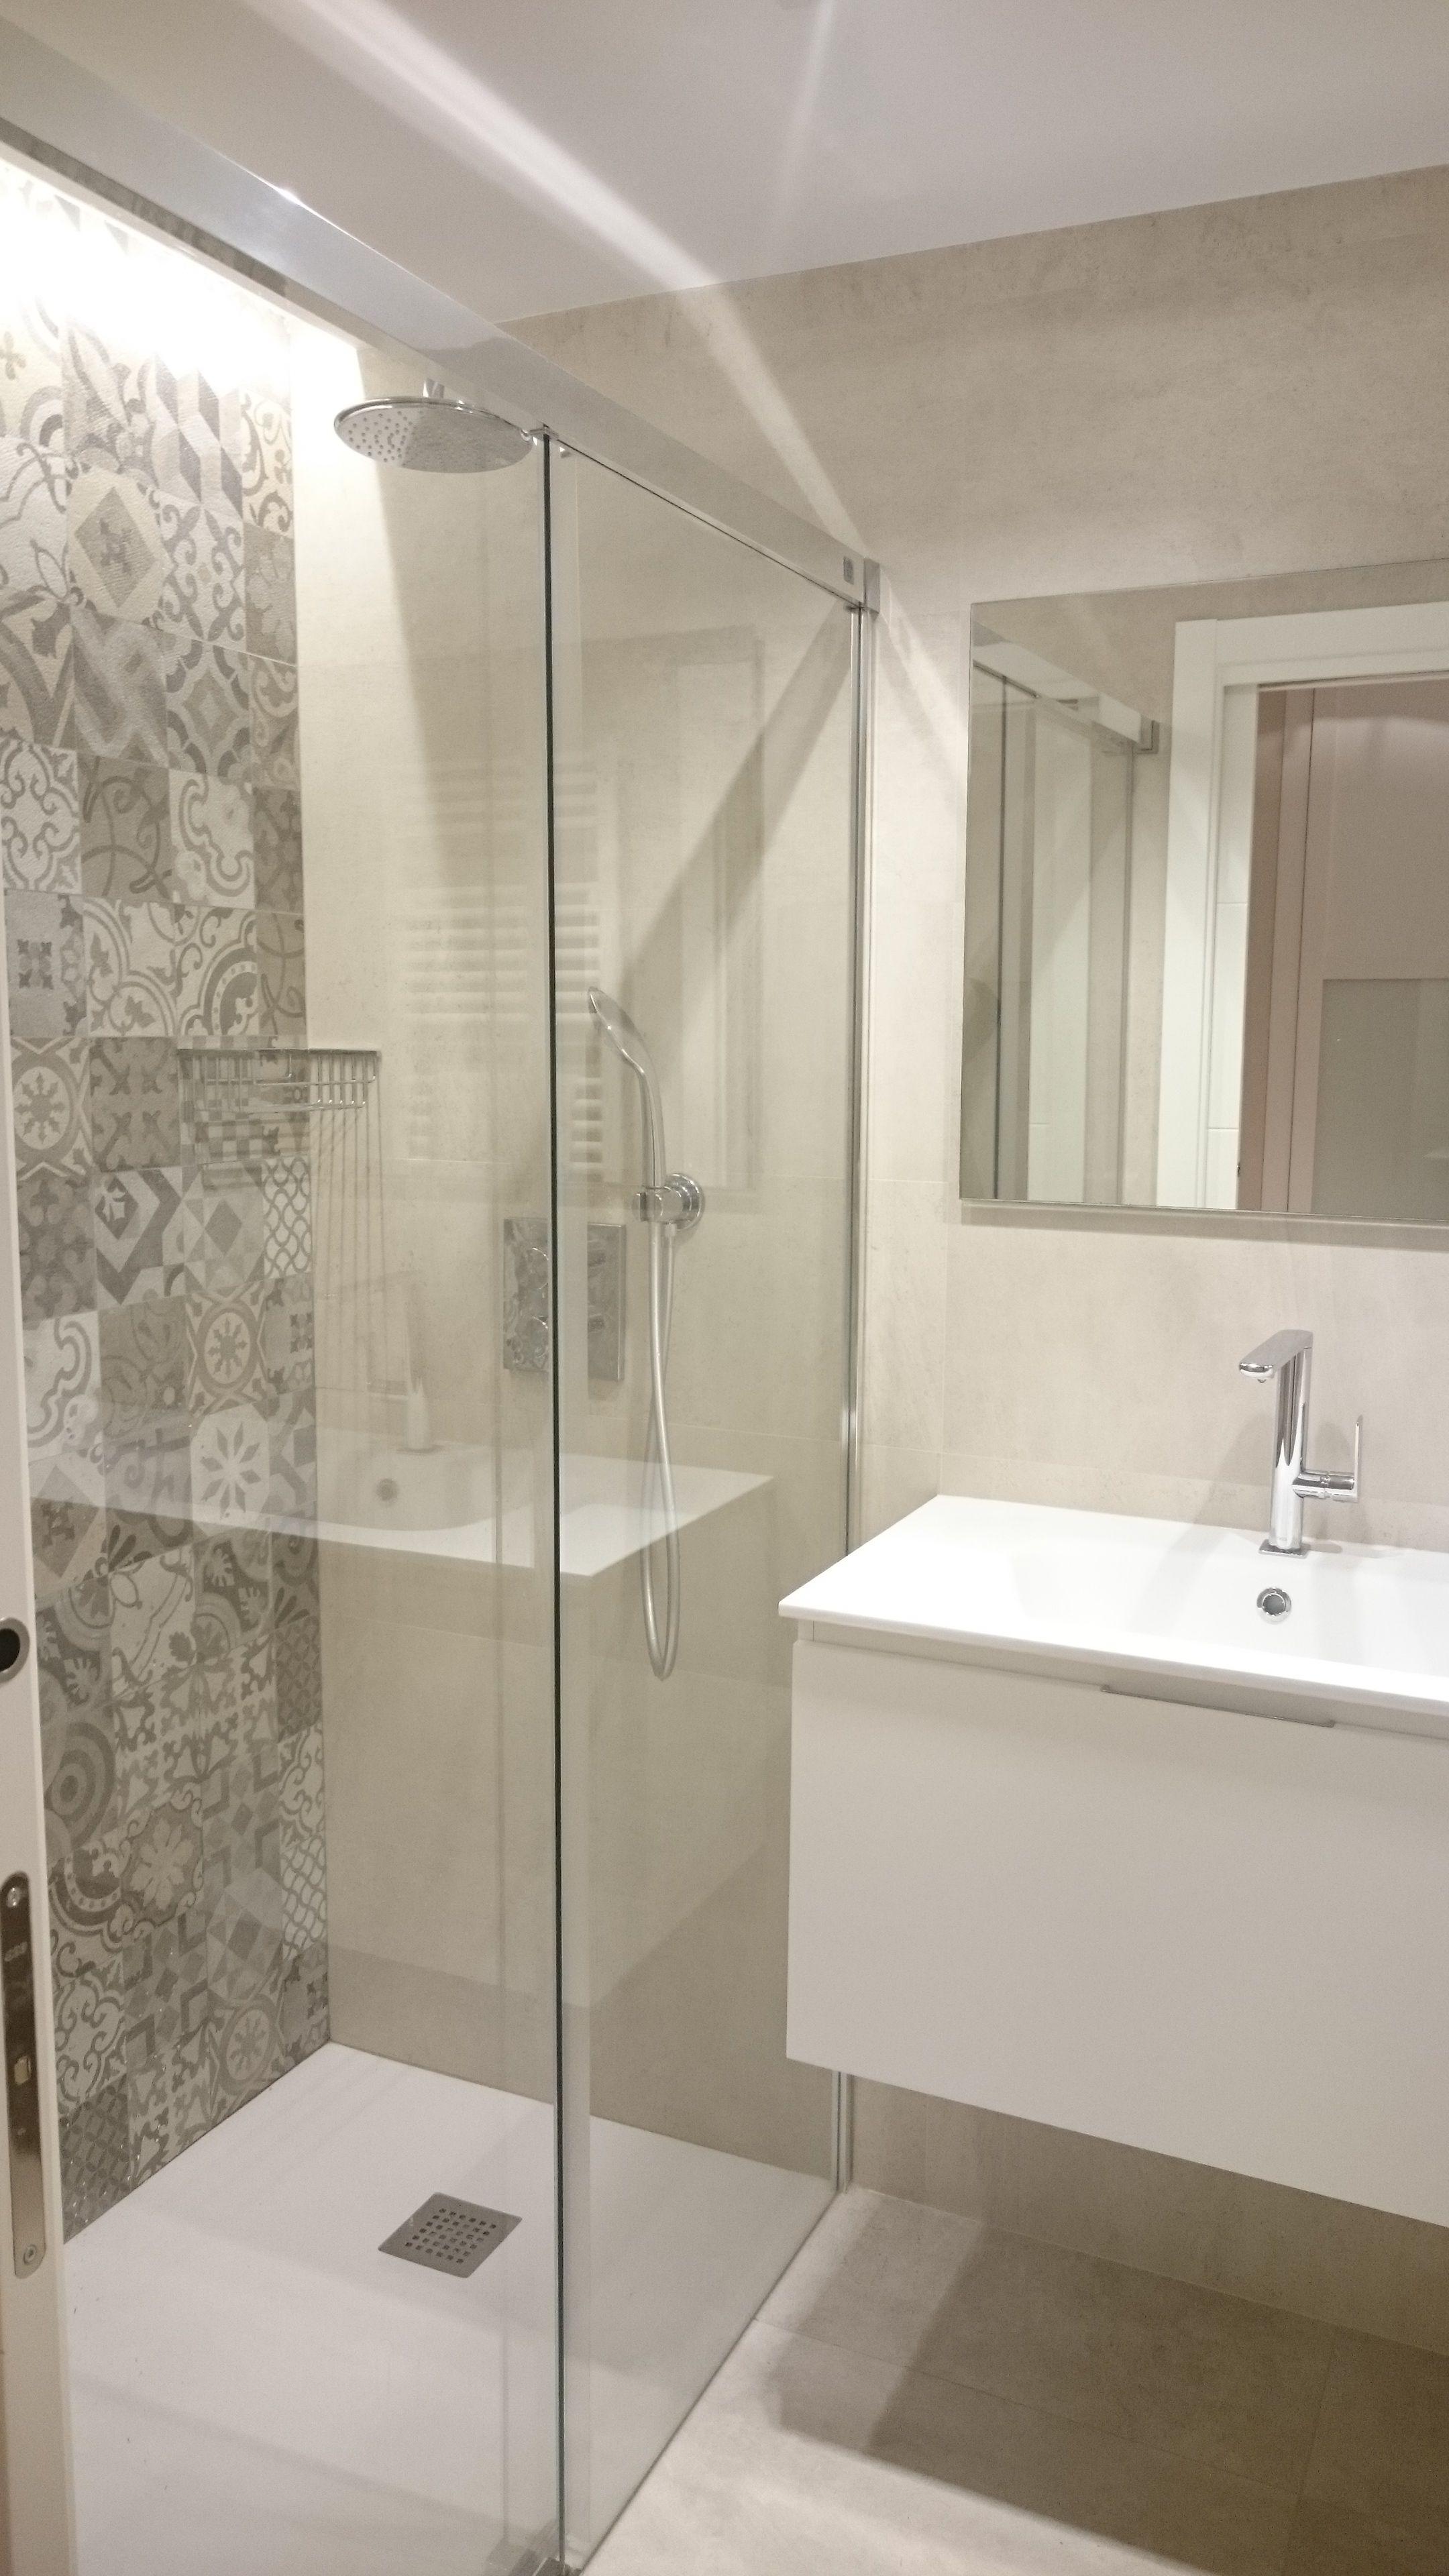 Pin de rose mary en ba os modernos cuarto de ba o - Imagenes de banos con ducha ...